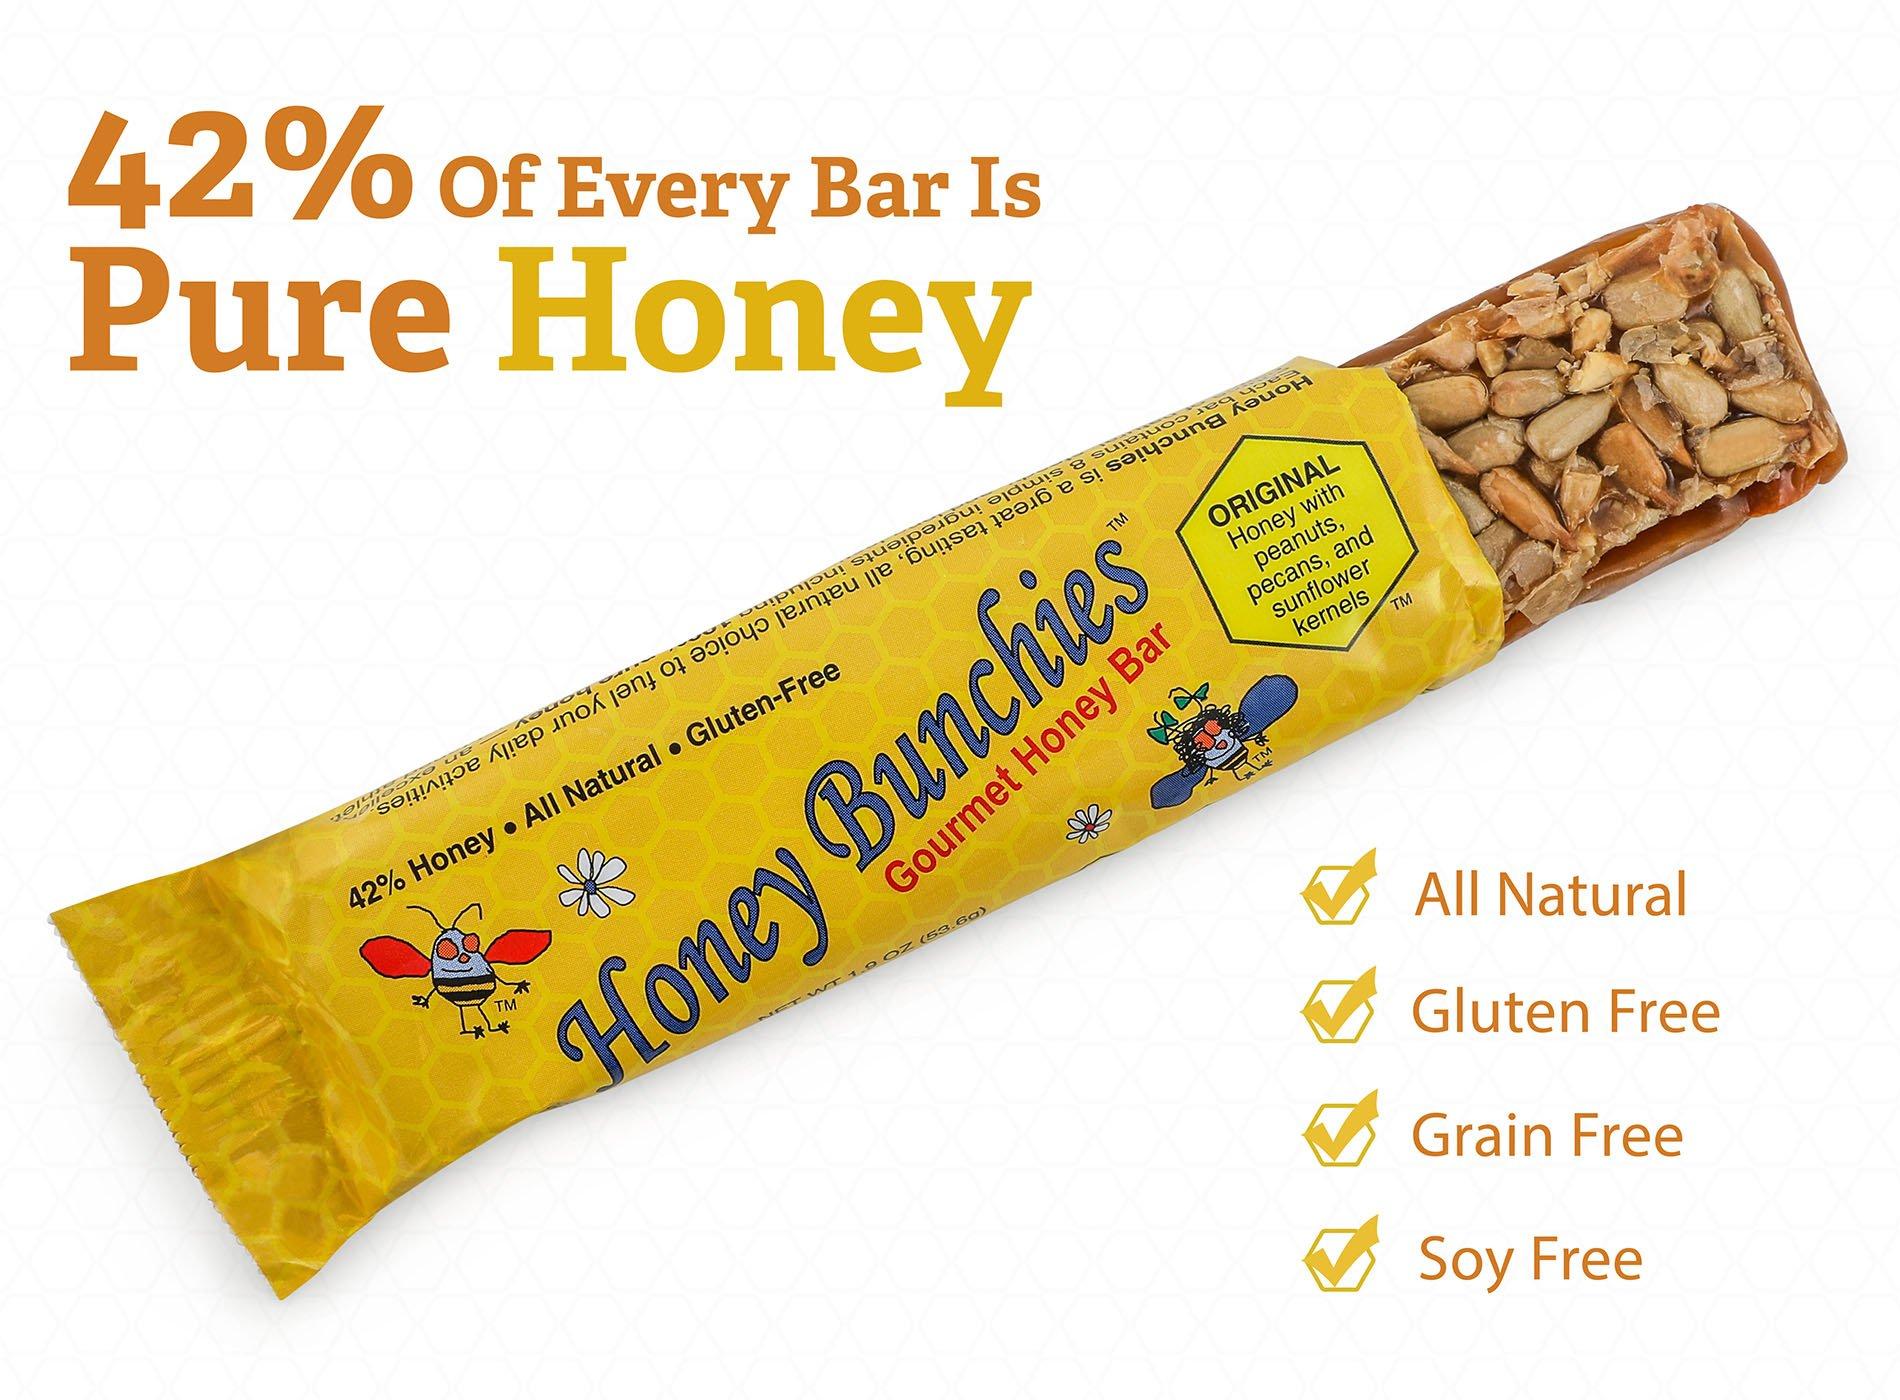 Honey Bunchies Gourmet Honey Bar, GLUTEN FREE, (20 Bar Box) by Honey Bunchies (Image #2)